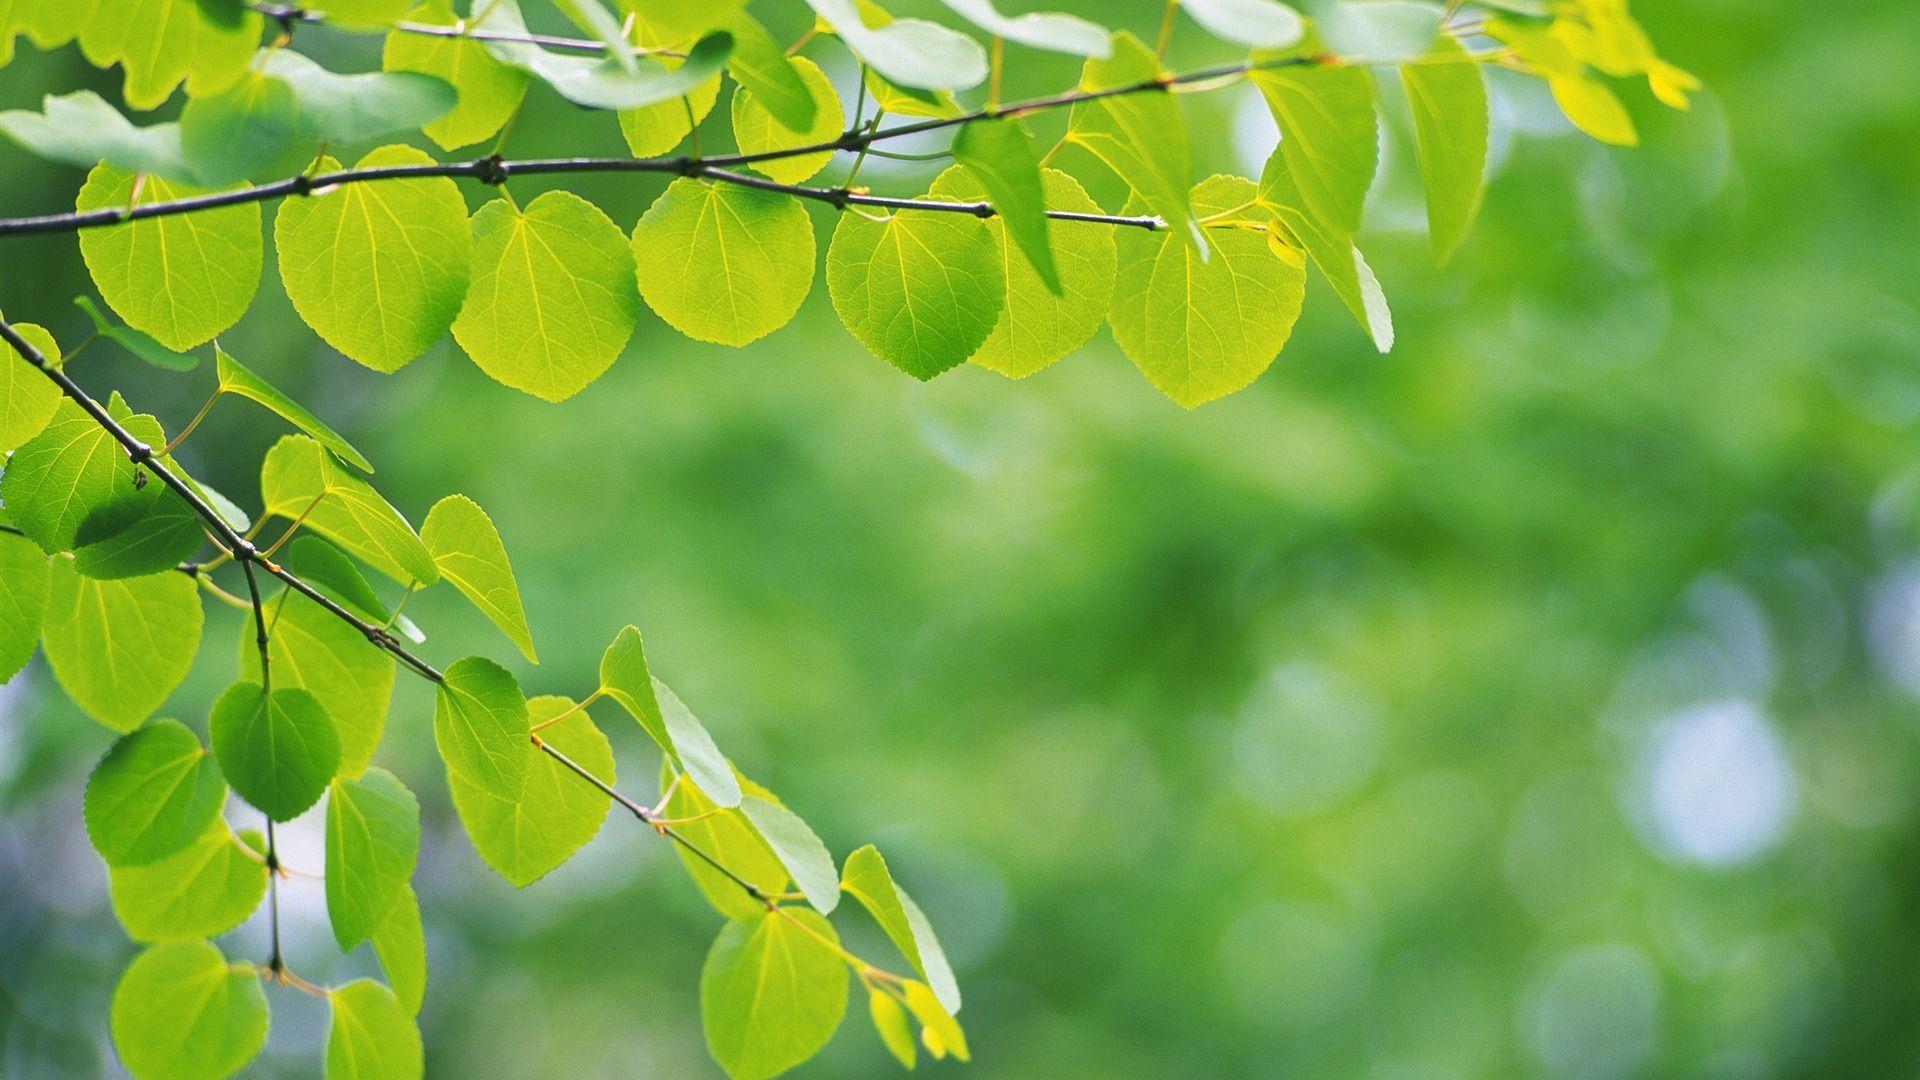 Foliage Wallpaper Theme